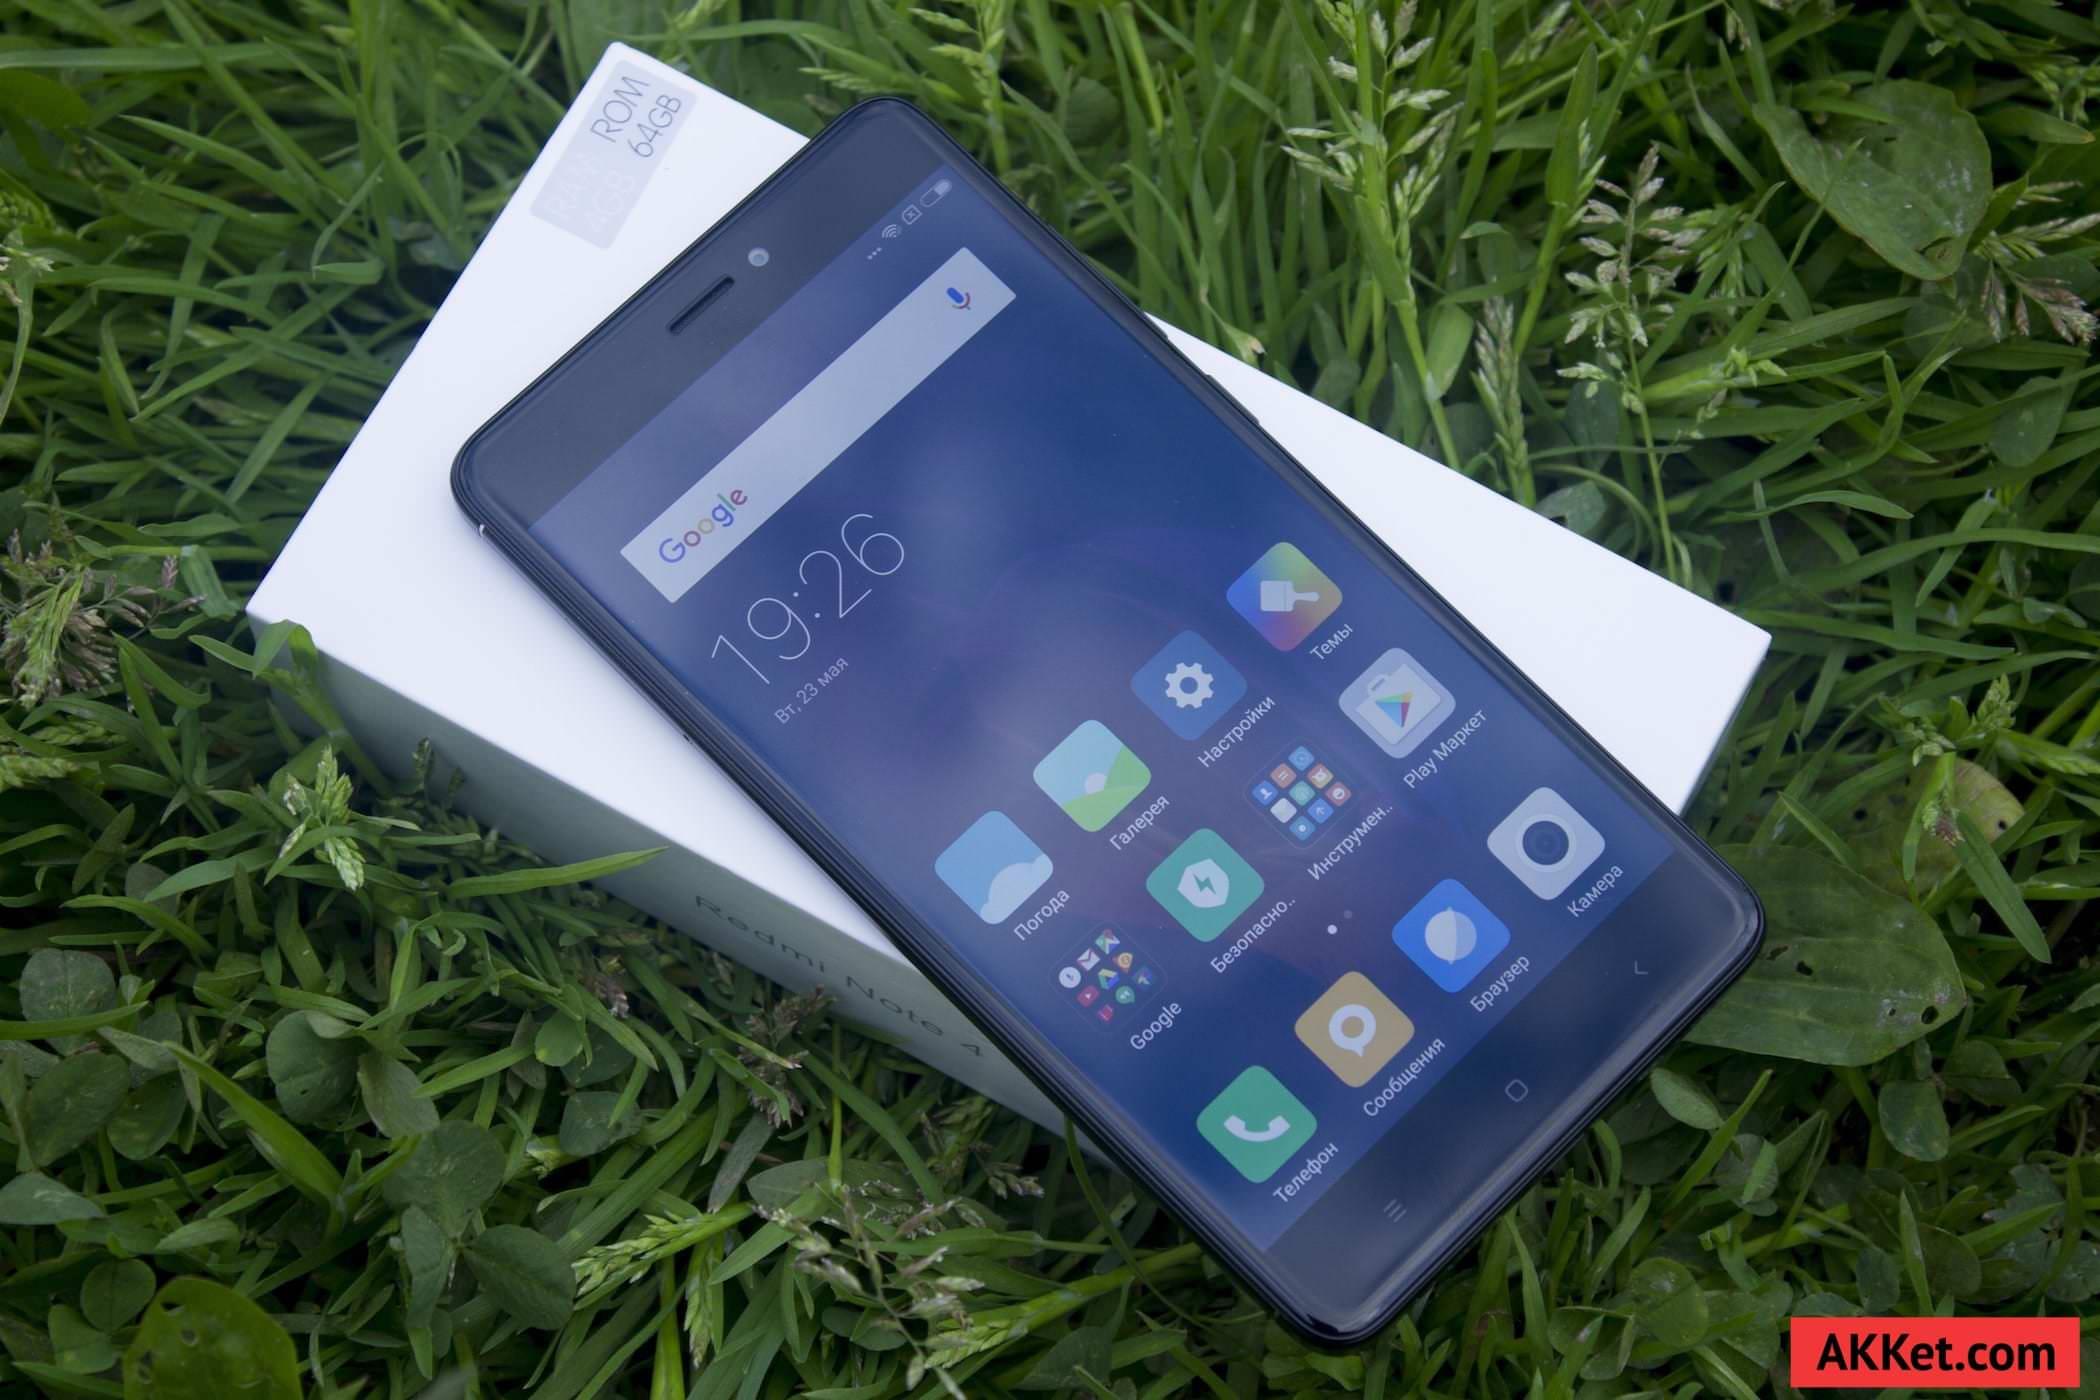 В итоге смартфону Xiaomi Redmi Note 4 на процессоре Snapdragon 625 за автономность можно поставить 9 баРРов из 10 возможных Все же хотеРось бы